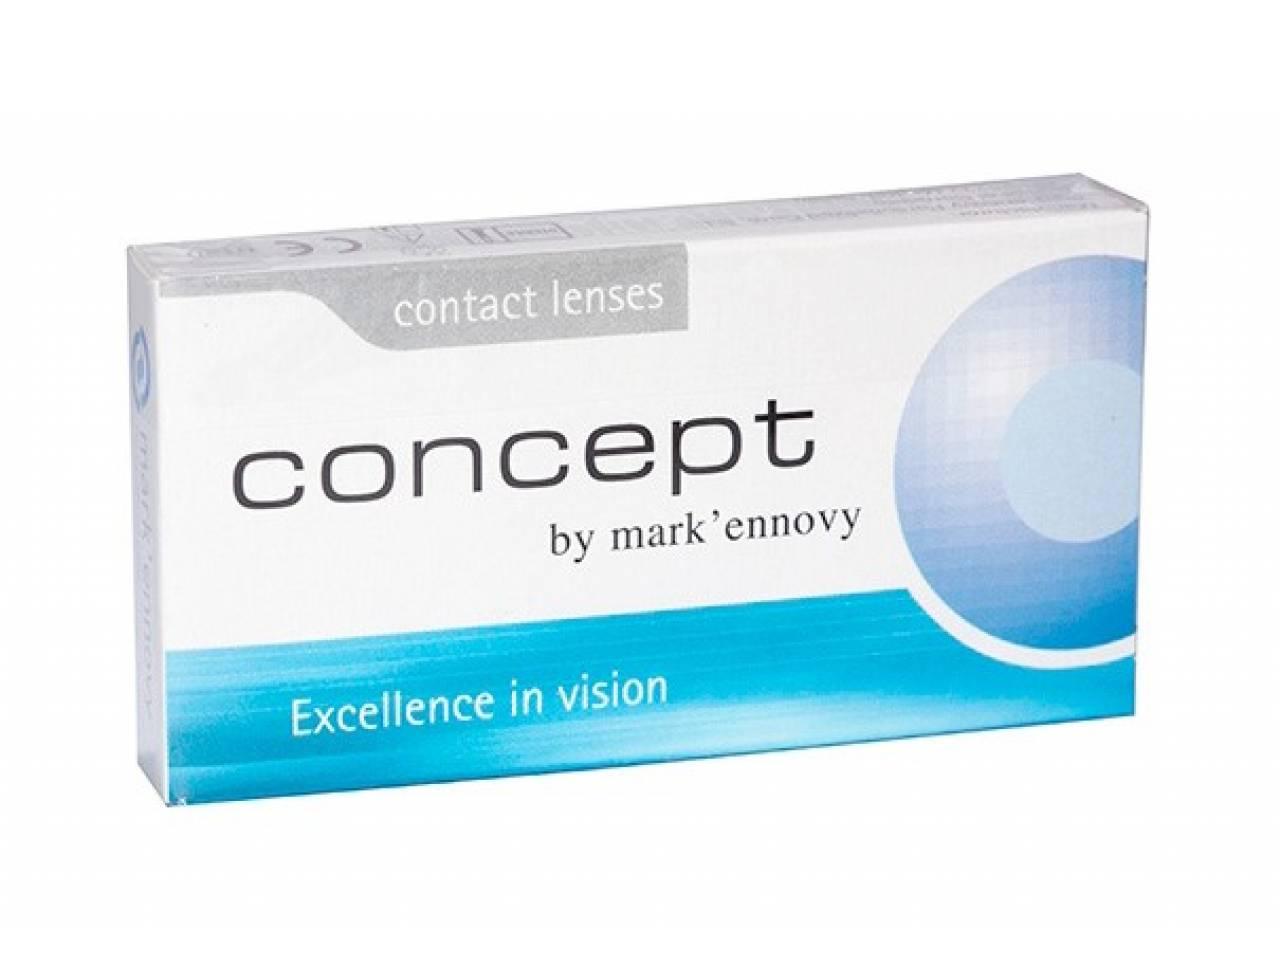 Месячные контактные линзы Mark`ennovy Concept